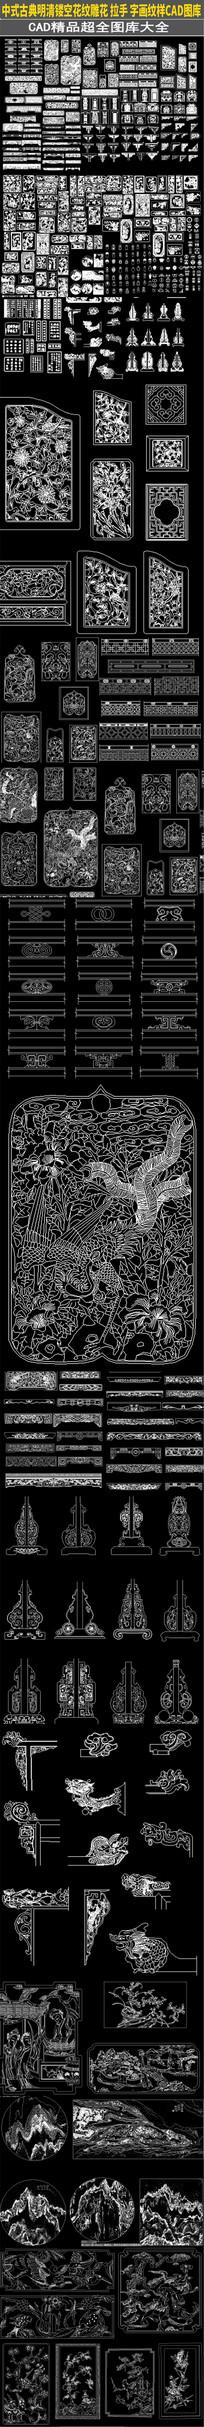 中式古典明清镂空花纹雕花拉手字画纹样图库